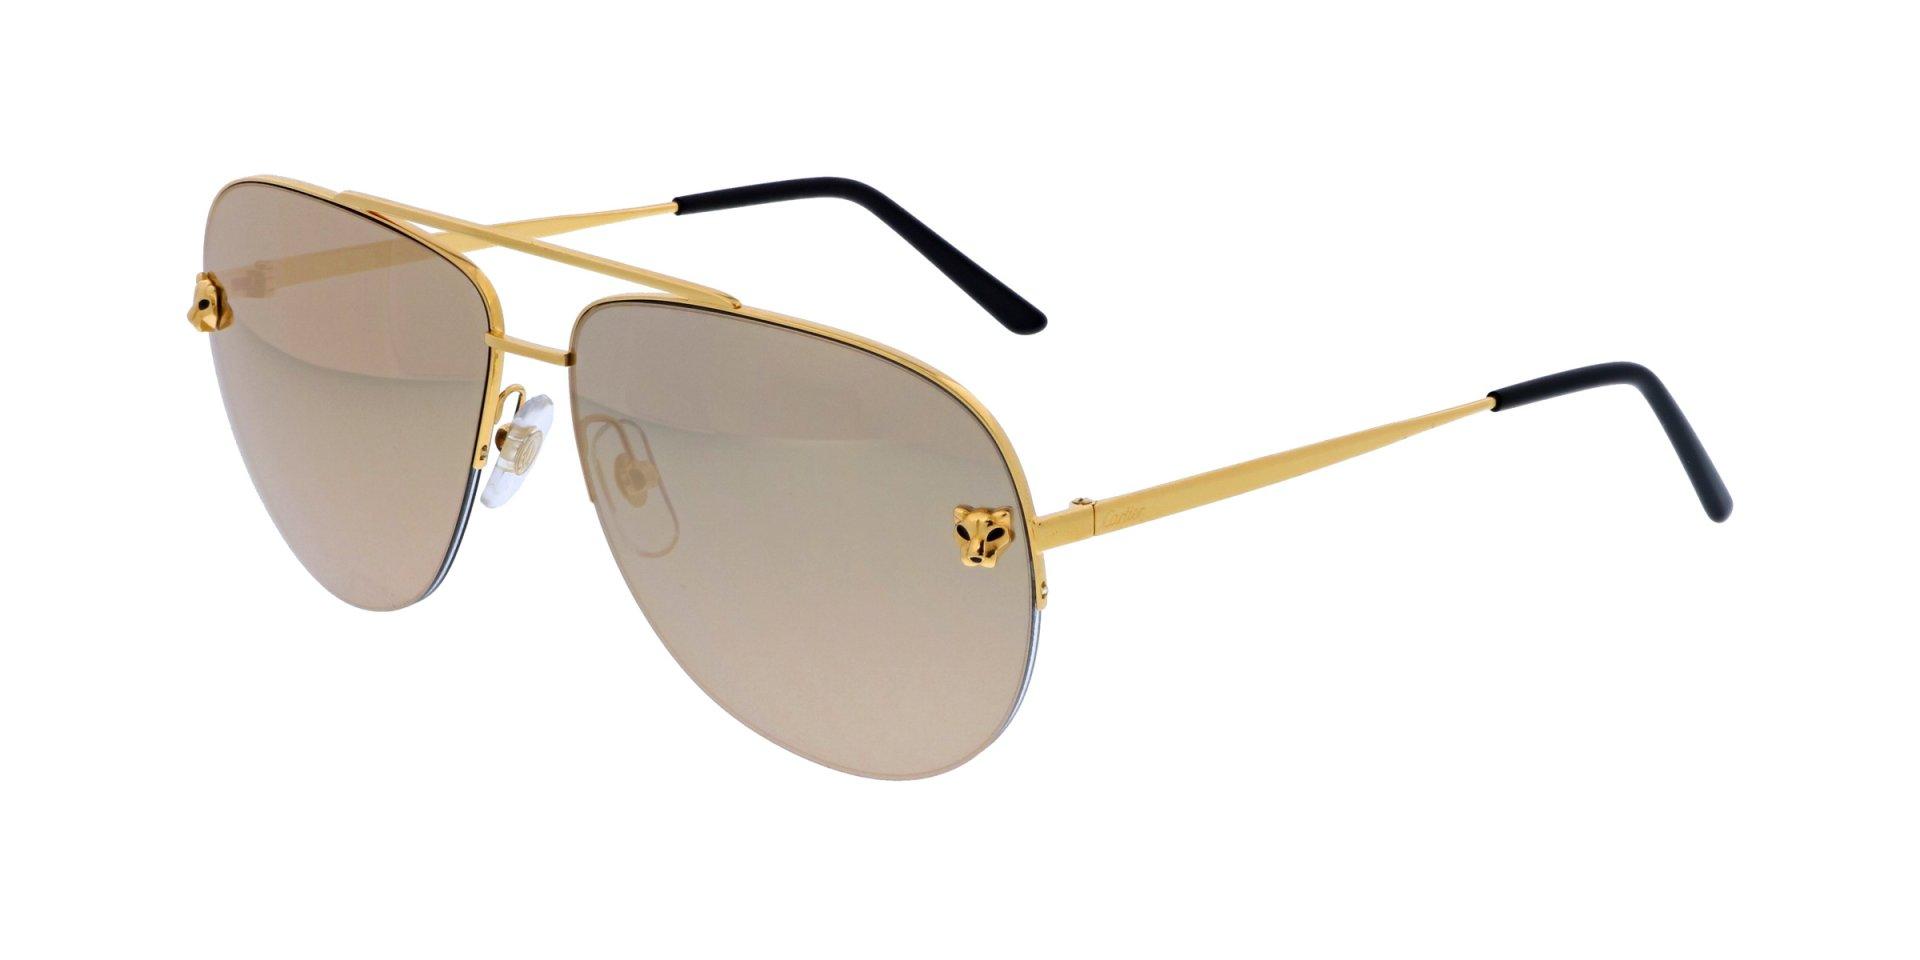 0343d7e6c30 Слънчеви очила CARTIER | Opticlasa